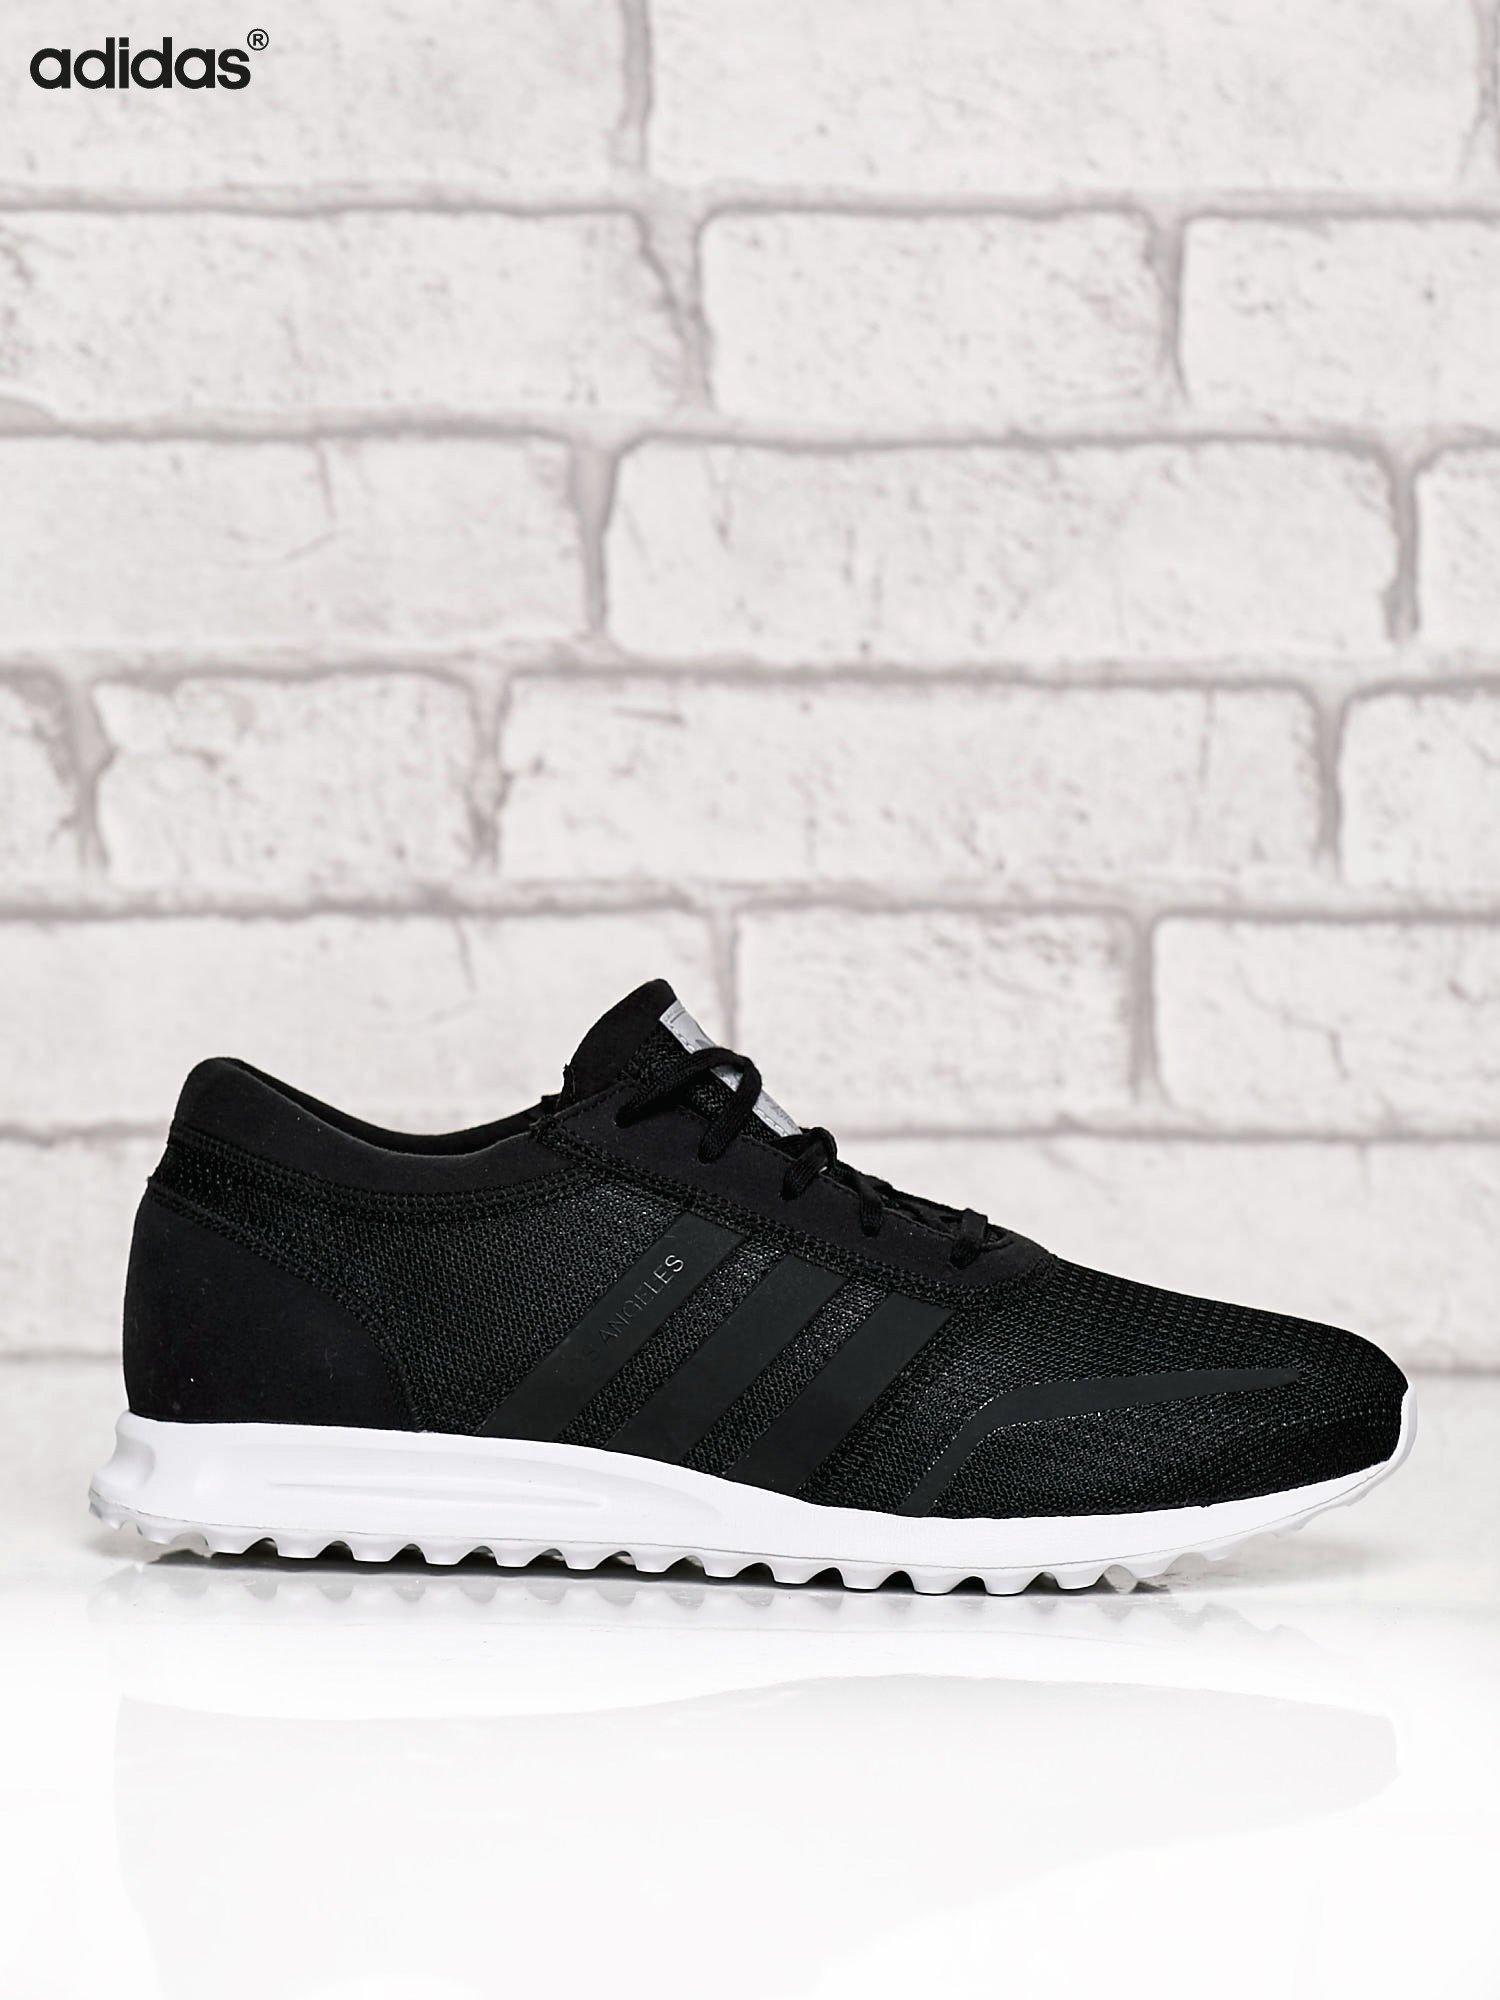 adidas buty sportowe zx flux w malarski wzór